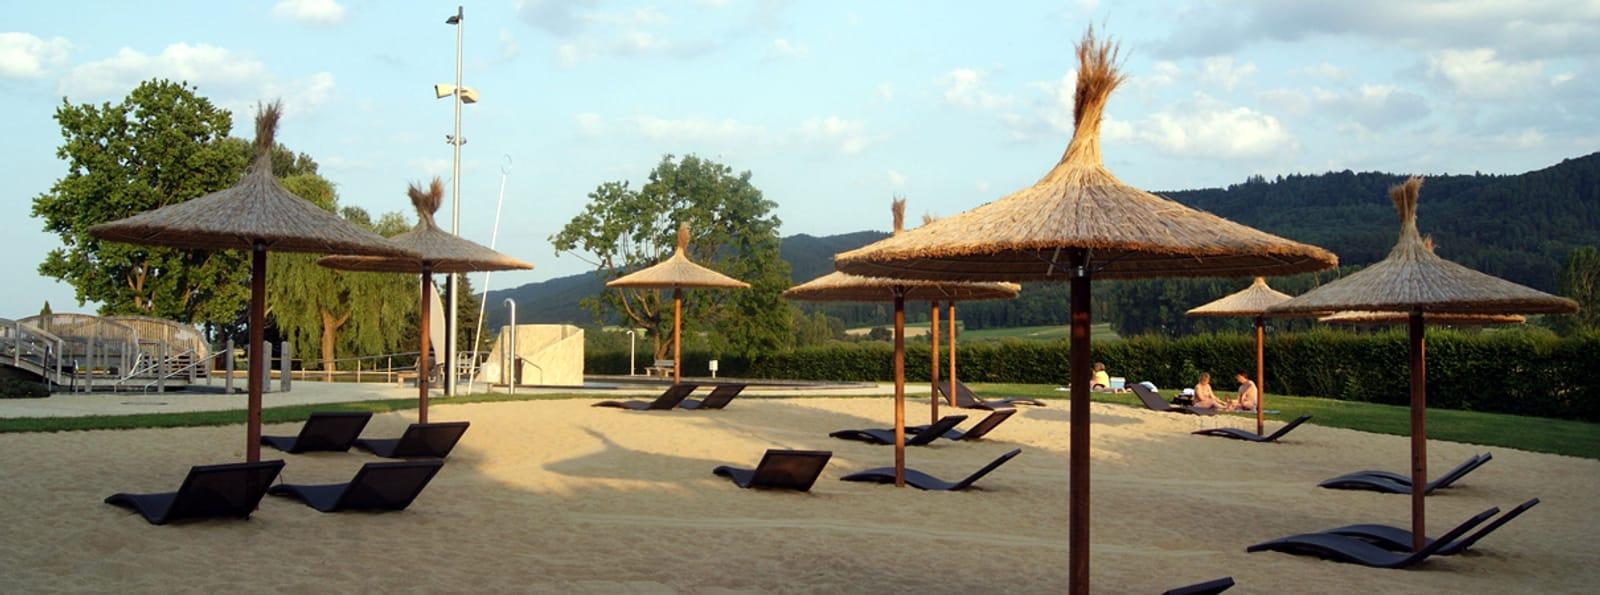 Naturbad Aachtal (02.08.2020)